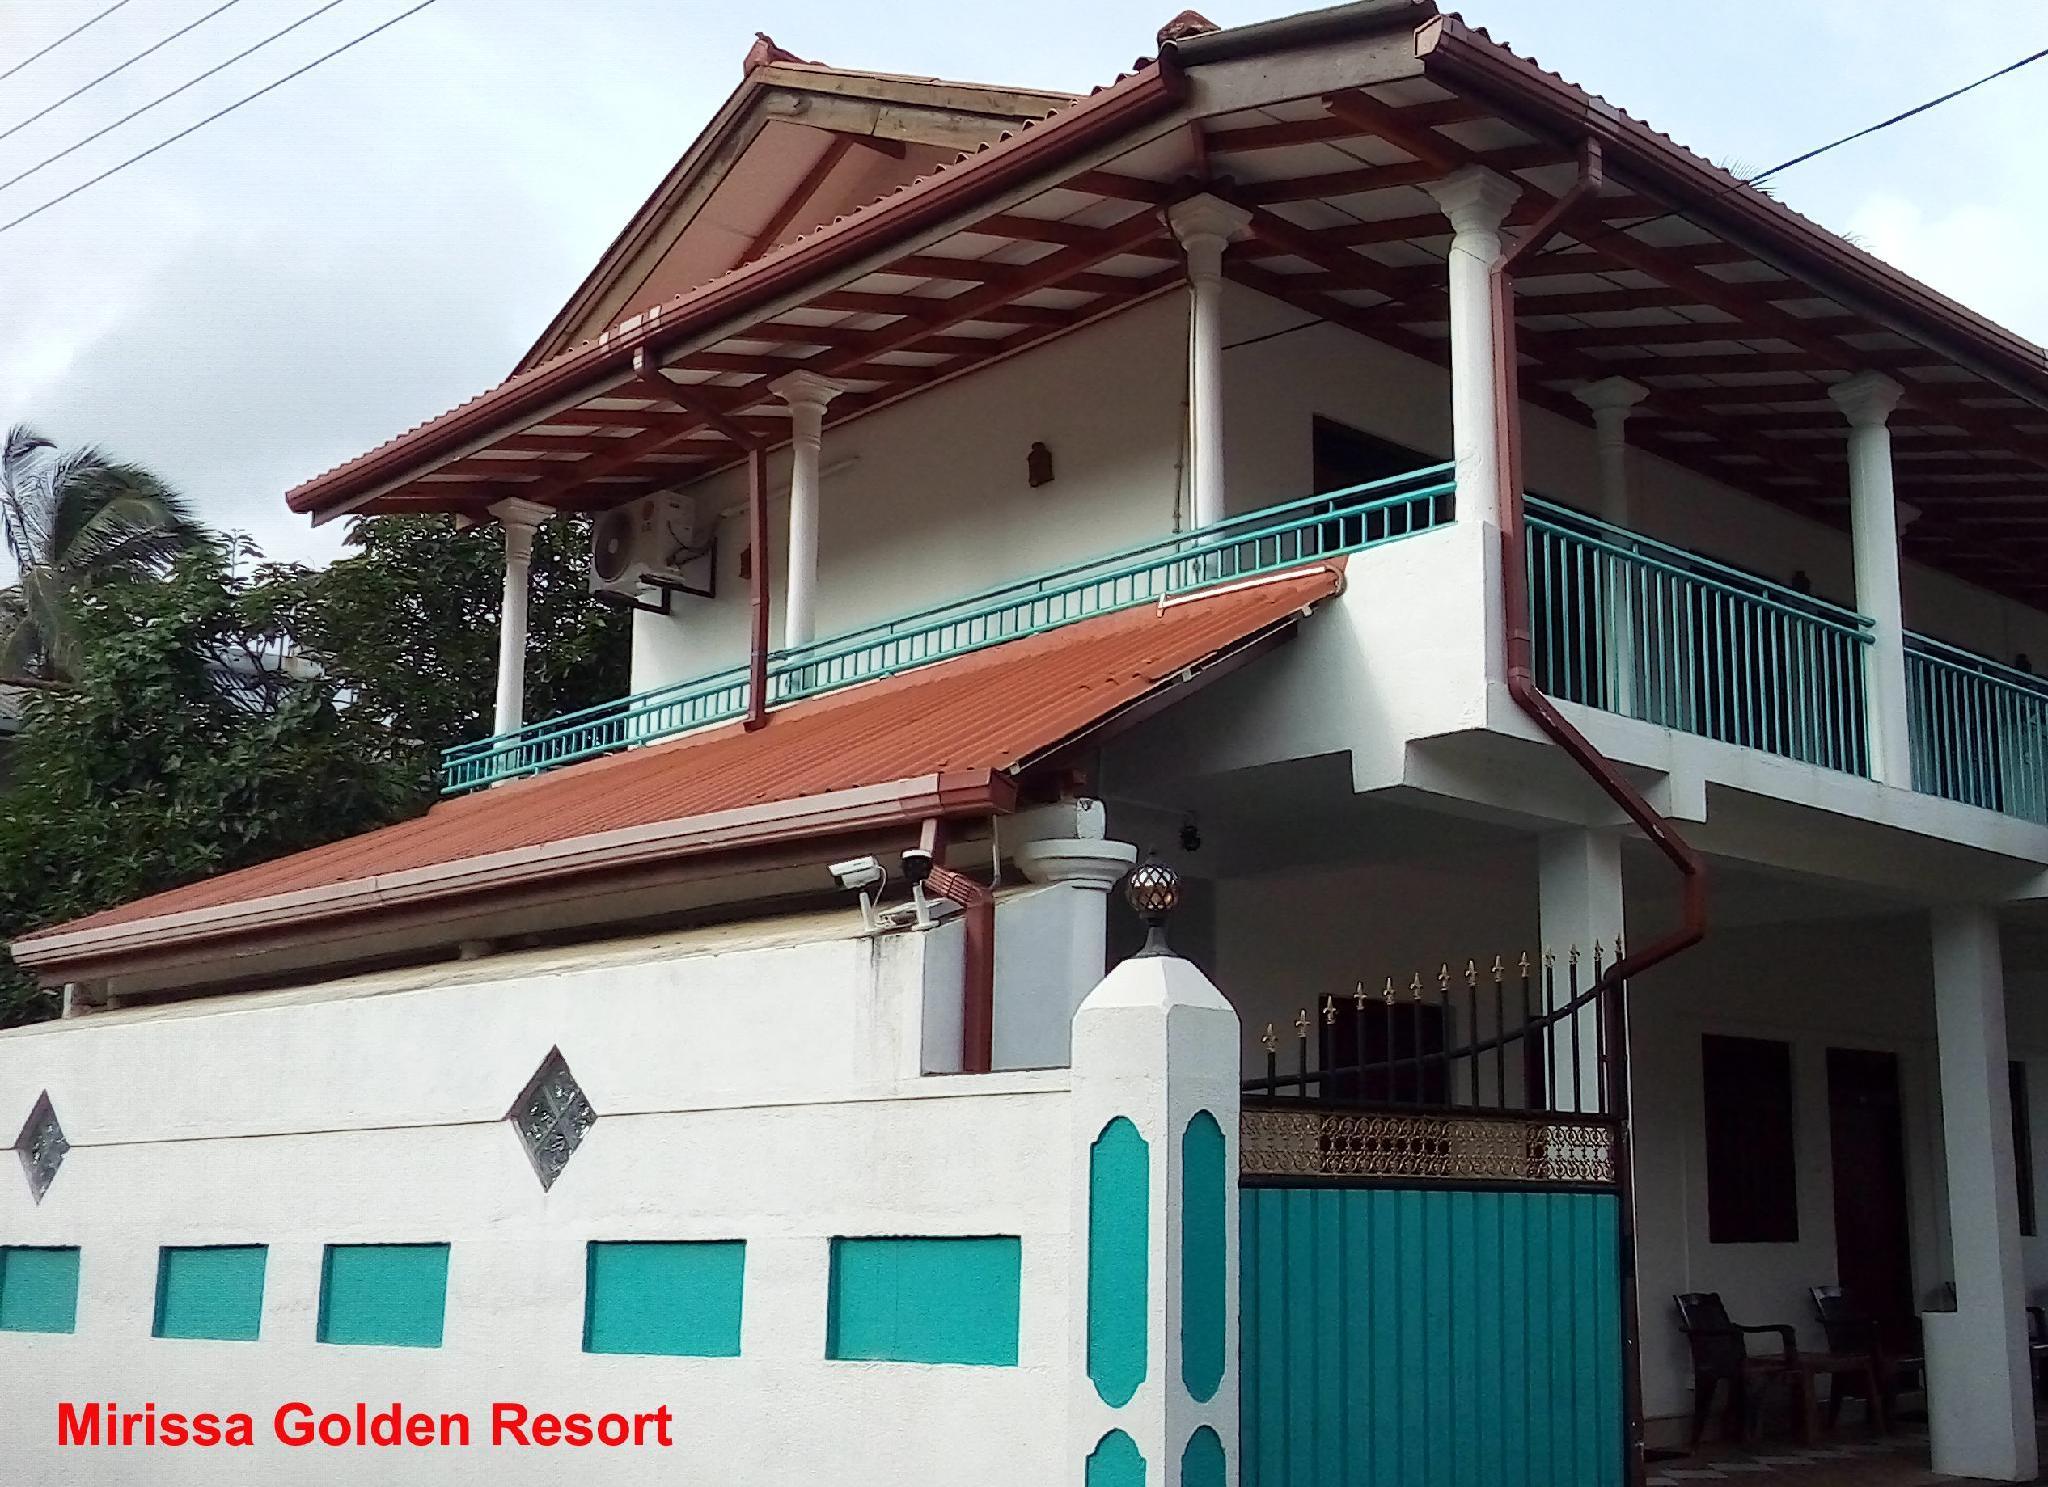 Mirissa Golden Resort